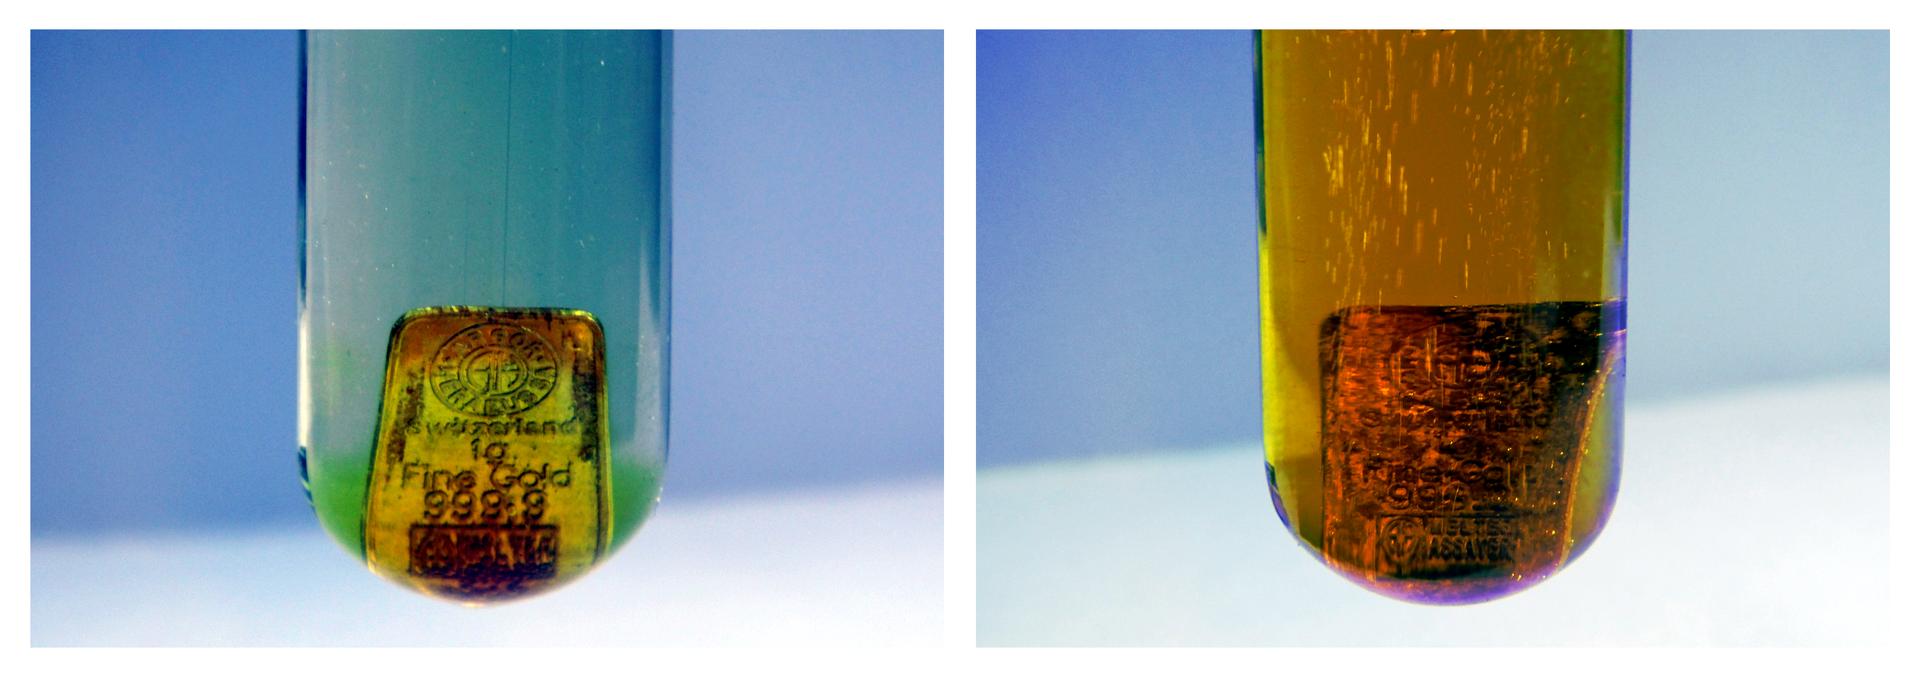 Ilustracja składa się zdwóch zdjęć przedstawiających probówkę zwodą królewską oraz znajdującą się wewnątrz miniaturową złotą sztabką. Na zdjęciu po lewej stronie stan wkrótce po wrzuceniu, ciecz względnie klarowna, ale na złocie widoczne pierwsze ślady działania kwasów. Po prawej stronie stan po pewnym czasie, płyn ma barwę żółtobrązową, oznaczenia na sztabce niemożliwe do odczytania. Widoczne są też pęcherzyki gazu powstającego wtrakcie reakcji.